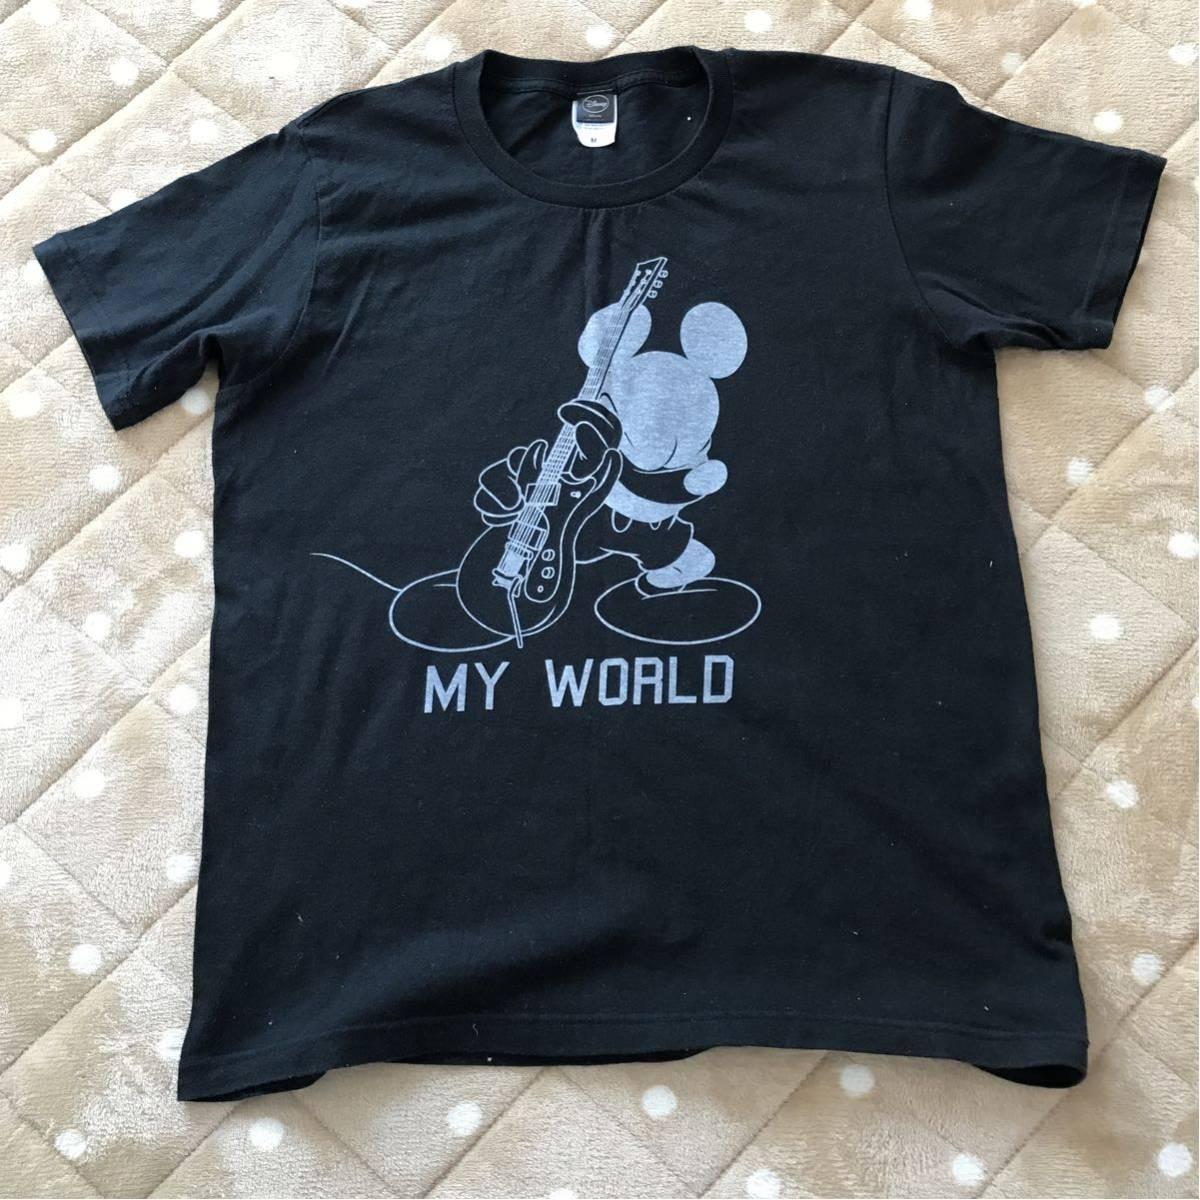 the band apart x ディズニー コラボTシャツ バンアパxミッキーマウス サイズM